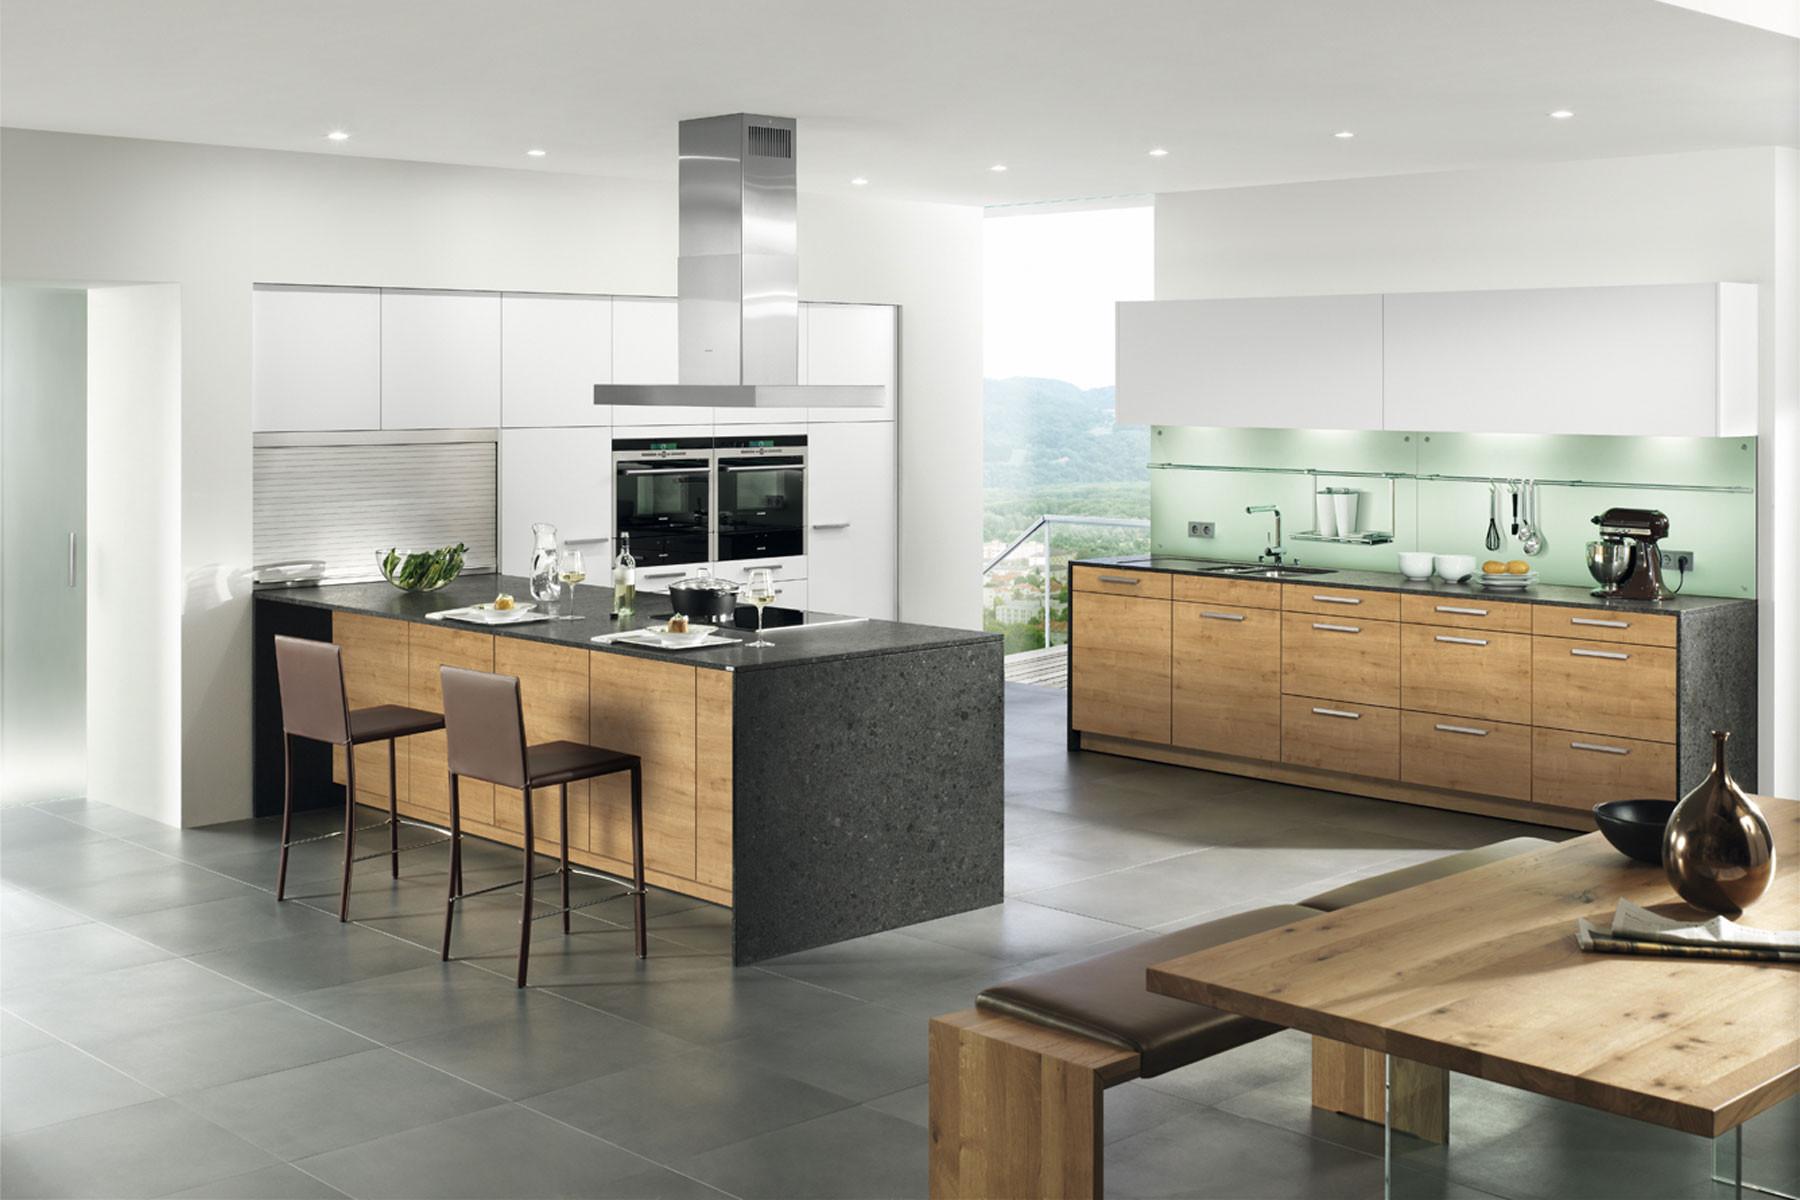 Küche Aus Eiche Modern Schön On Und Kche Modell Schöne In 9